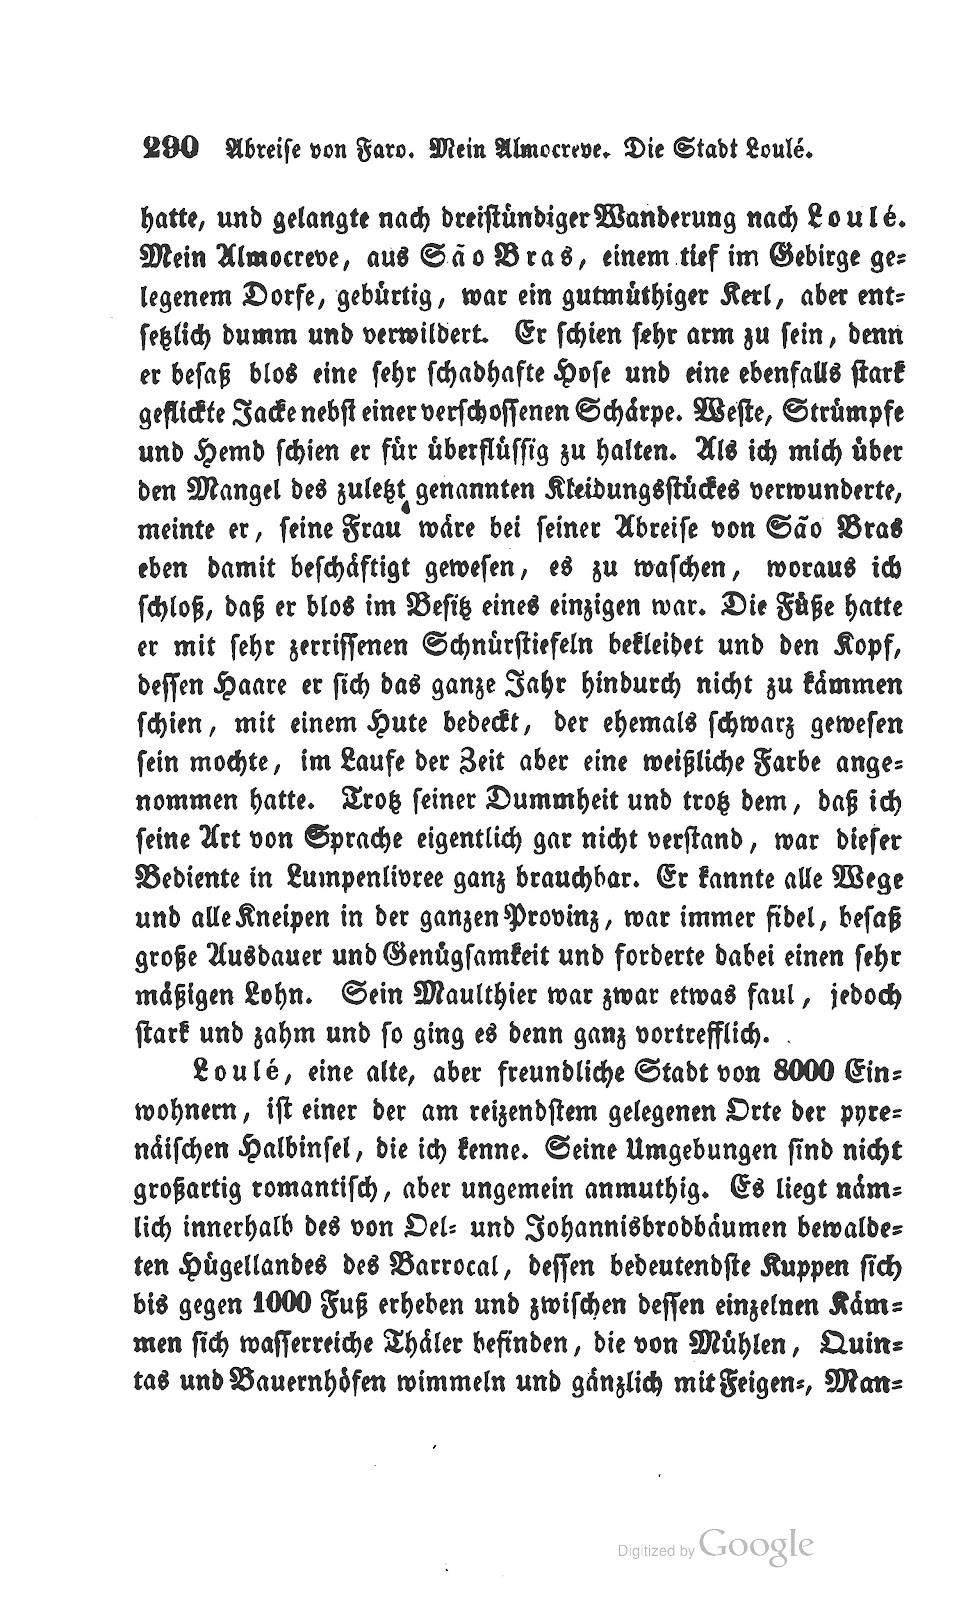 WIllkomm - 10. Kapitel Pages from Zwei_Jahre_in_Spanien_und_Portugal(3)_Page_32.jpg